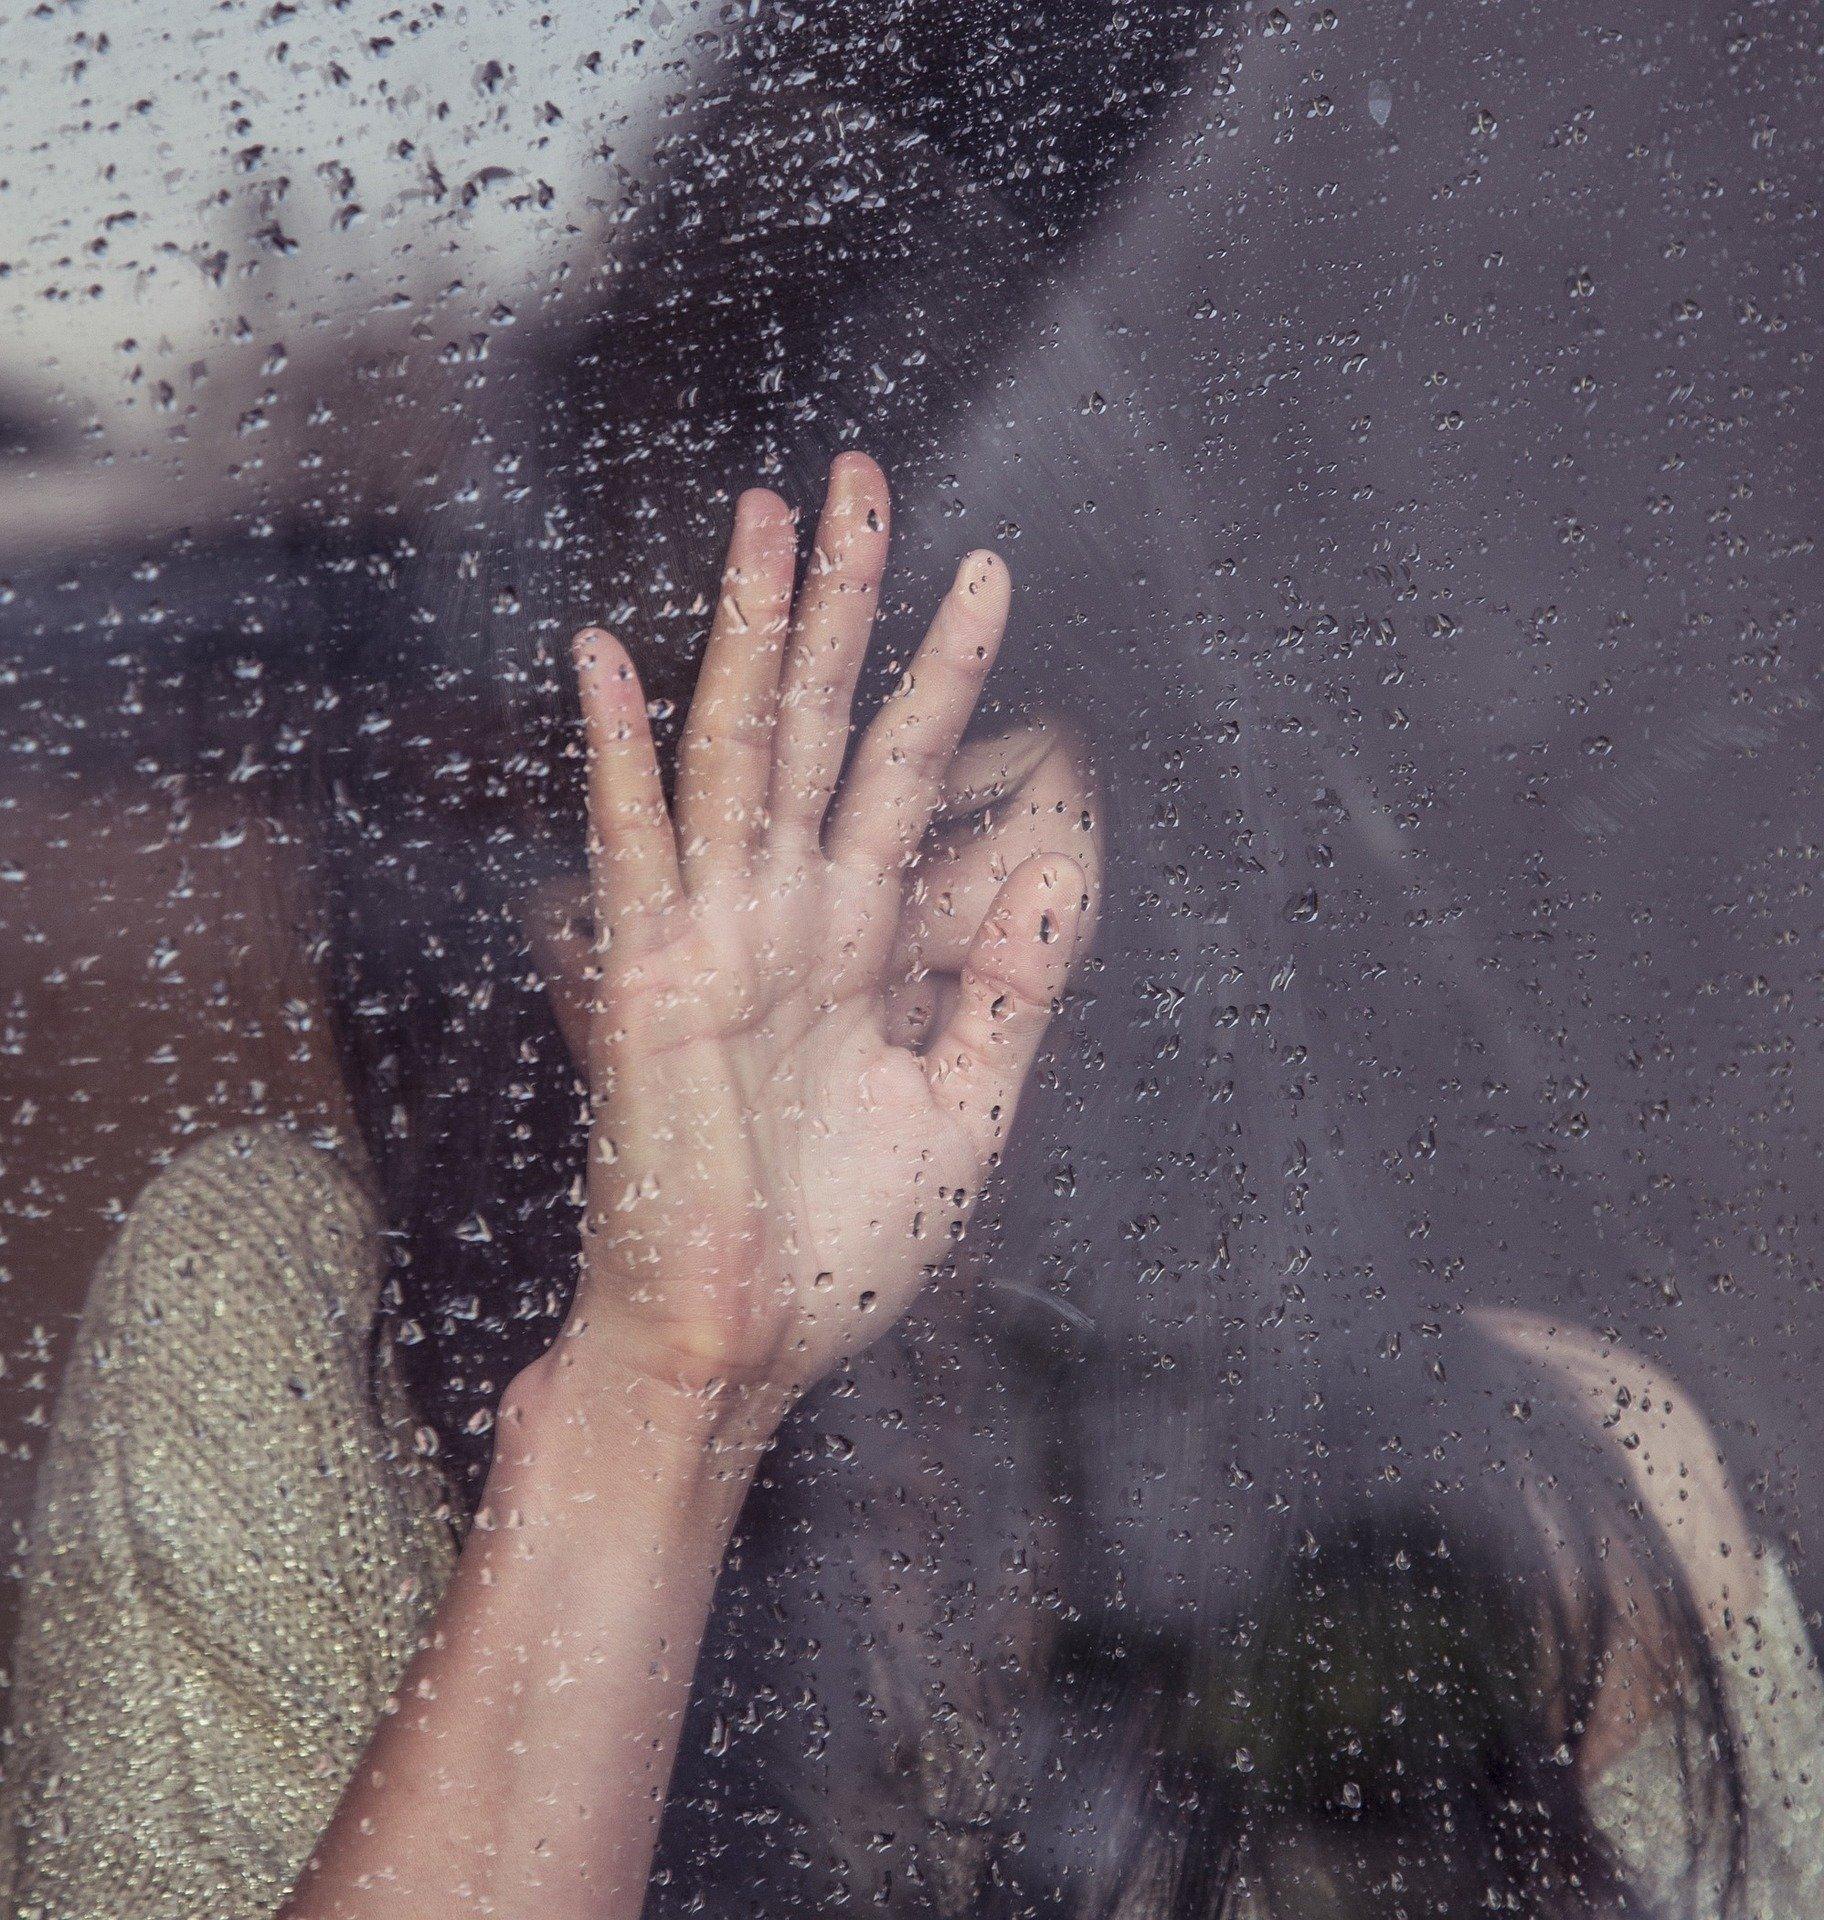 Mulher triste com a mão na janela  com gotas de chuva